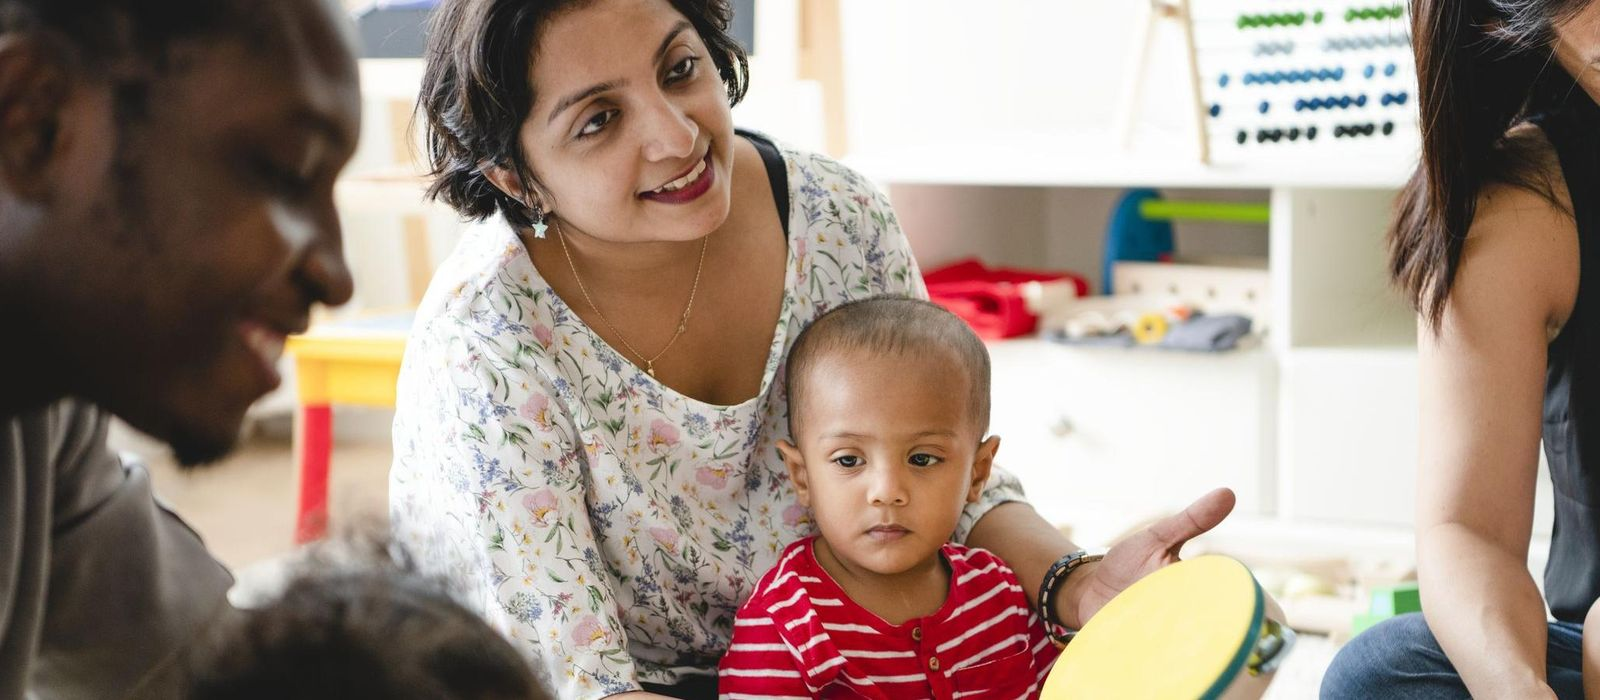 Eine Mutter sitzt mit ihrem Kind auf dem Boden und spielt auf einer Trommel. Um sie herum sitzen noch weitere Eltern mit ihren Kindern.